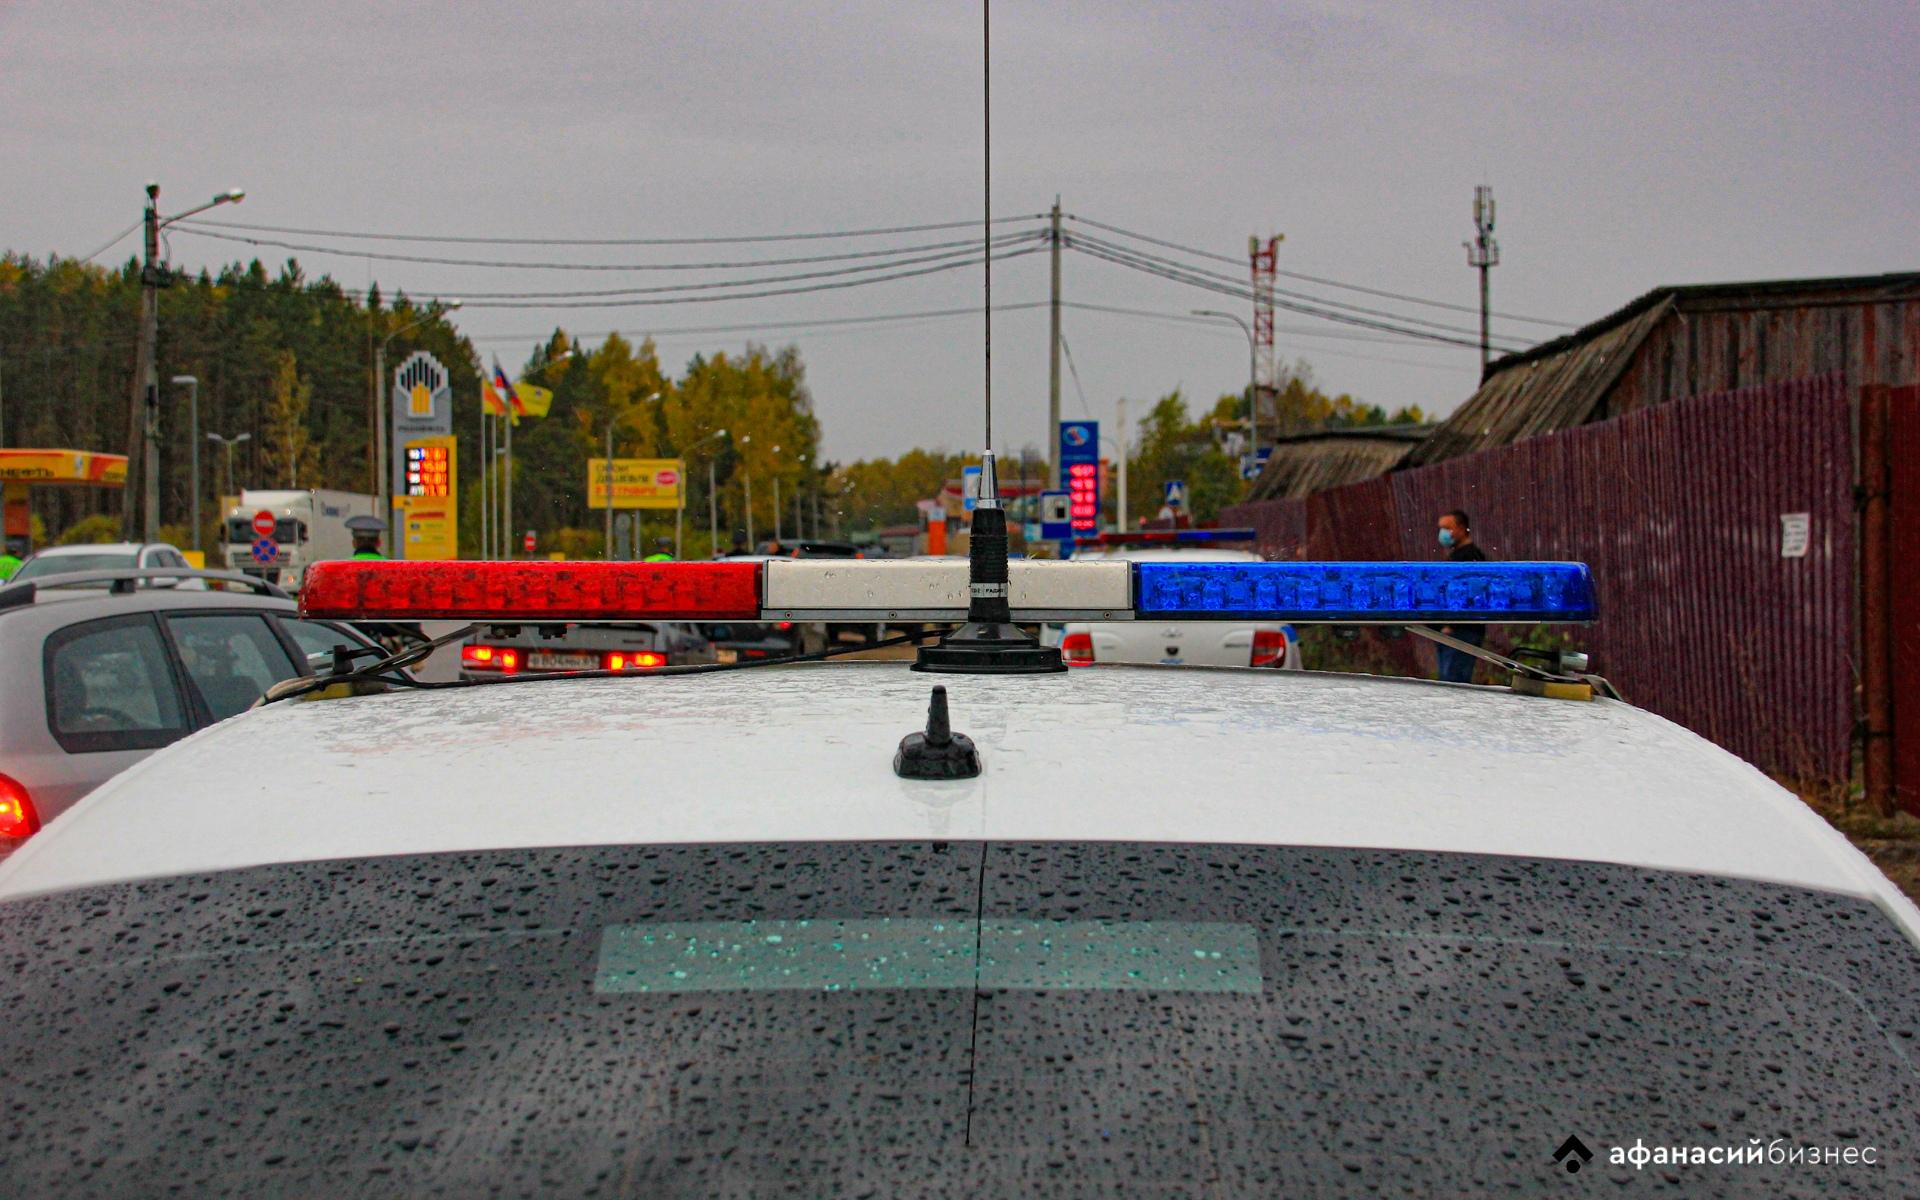 Нарушивший правила 15-летний велосипедист получил травмы в ДТП в Тверской области - новости Афанасий